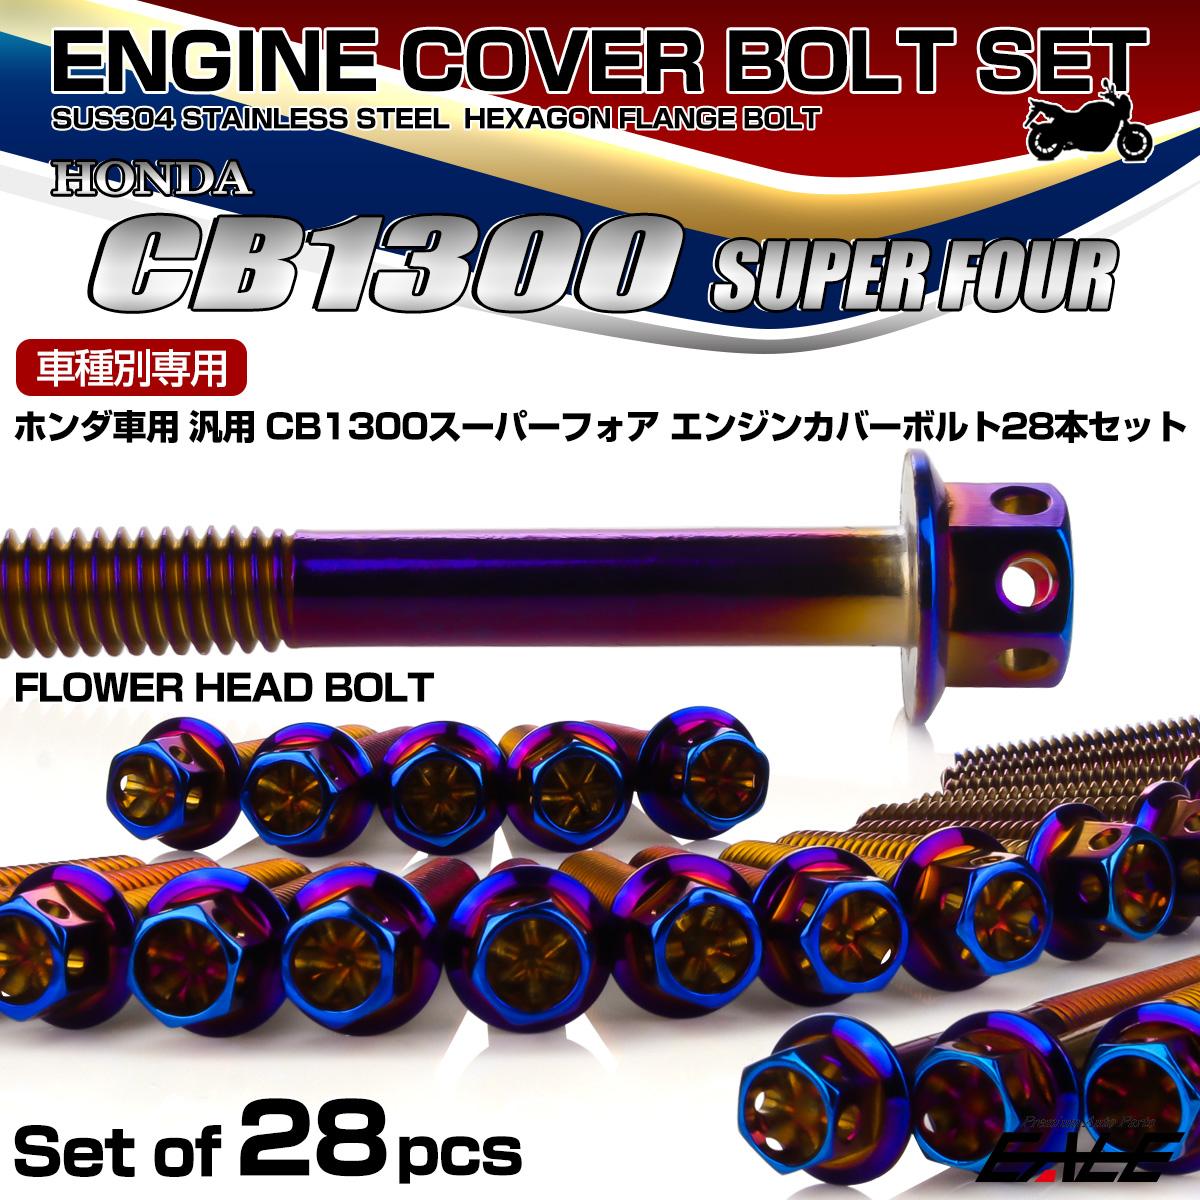 CB1300SF エンジンカバーボルトセット 28本 ホンダ車用 スーパーフォア フラワーヘッド 焼きチタン TB6281